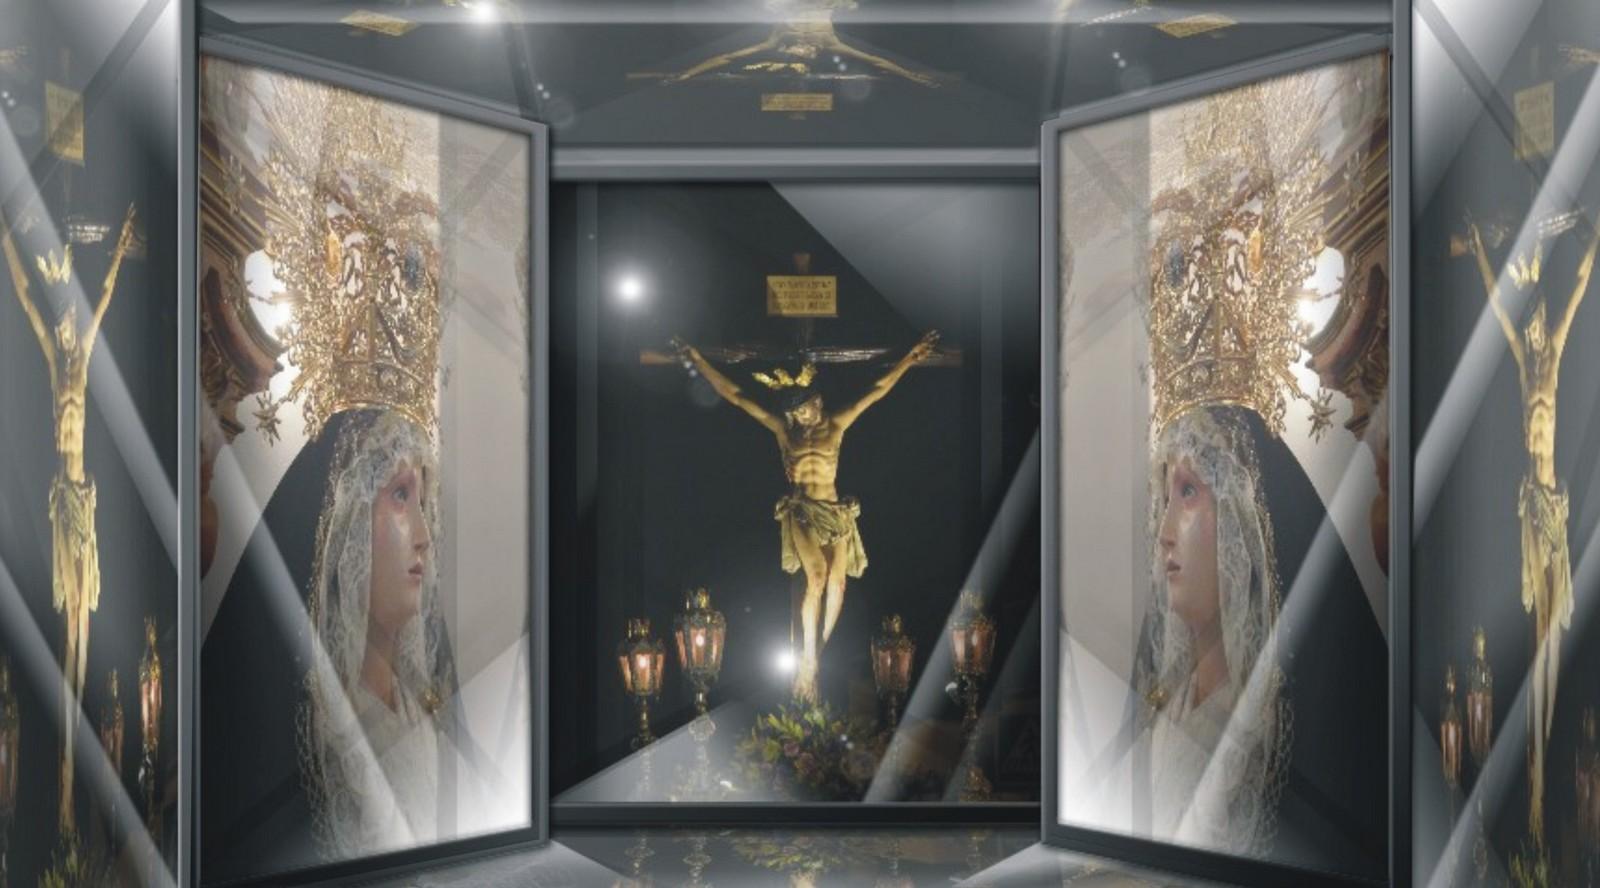 La Previa de Semana Santa: Viernes de los Dolores de María (viernes anterior a Domingo de Ramos)